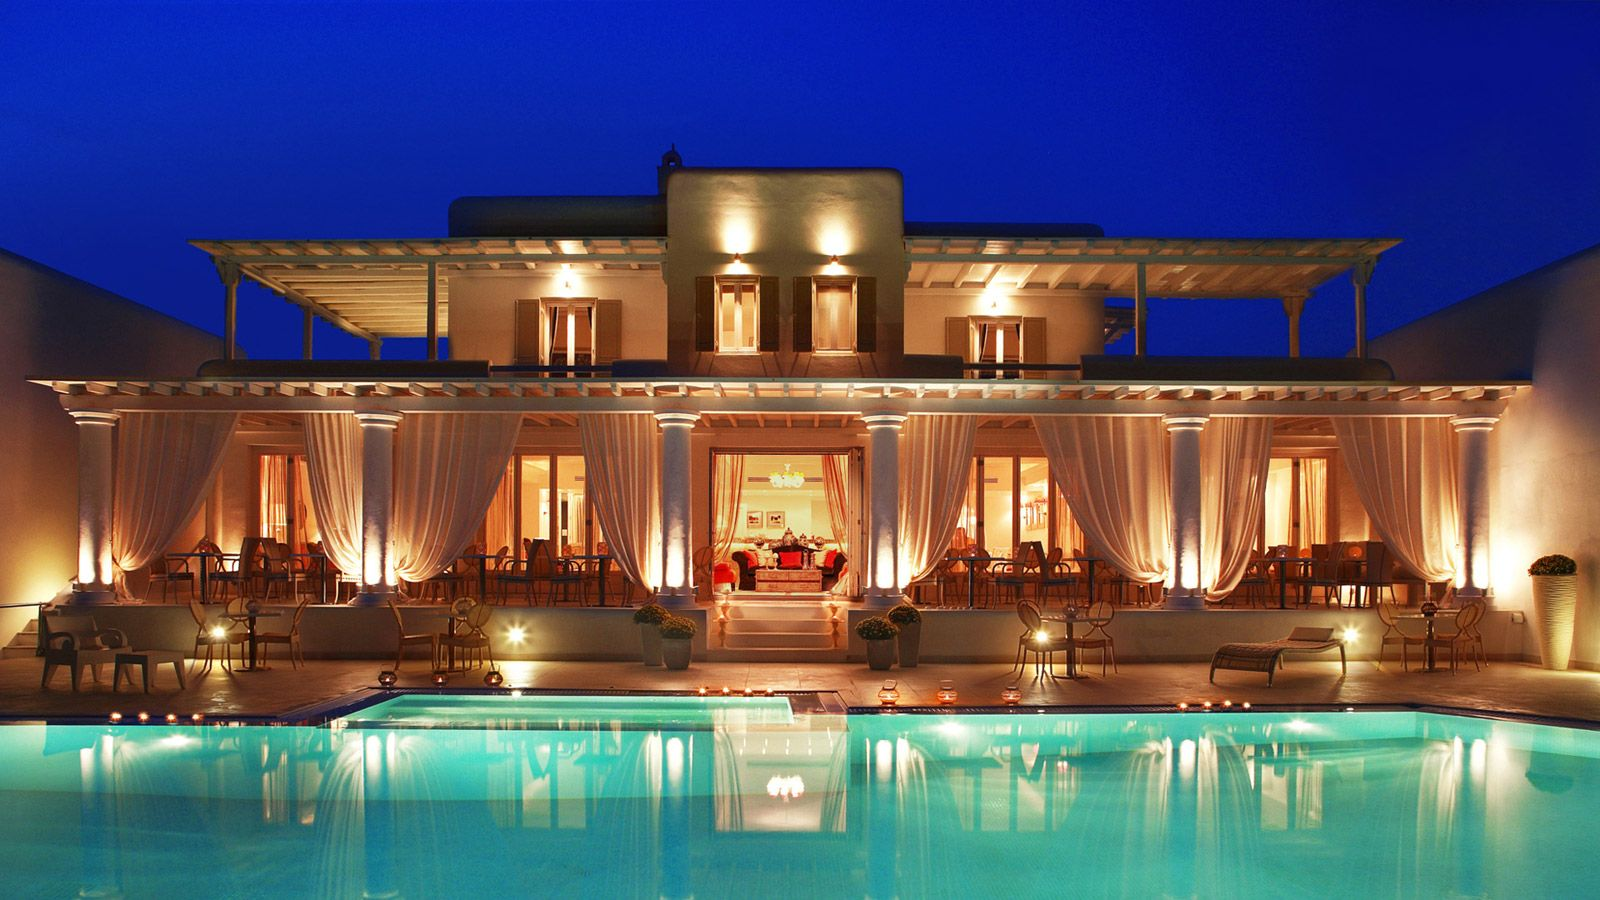 Les plus beaux h tels de luxe partout dans le monde for Hotel dans le monde